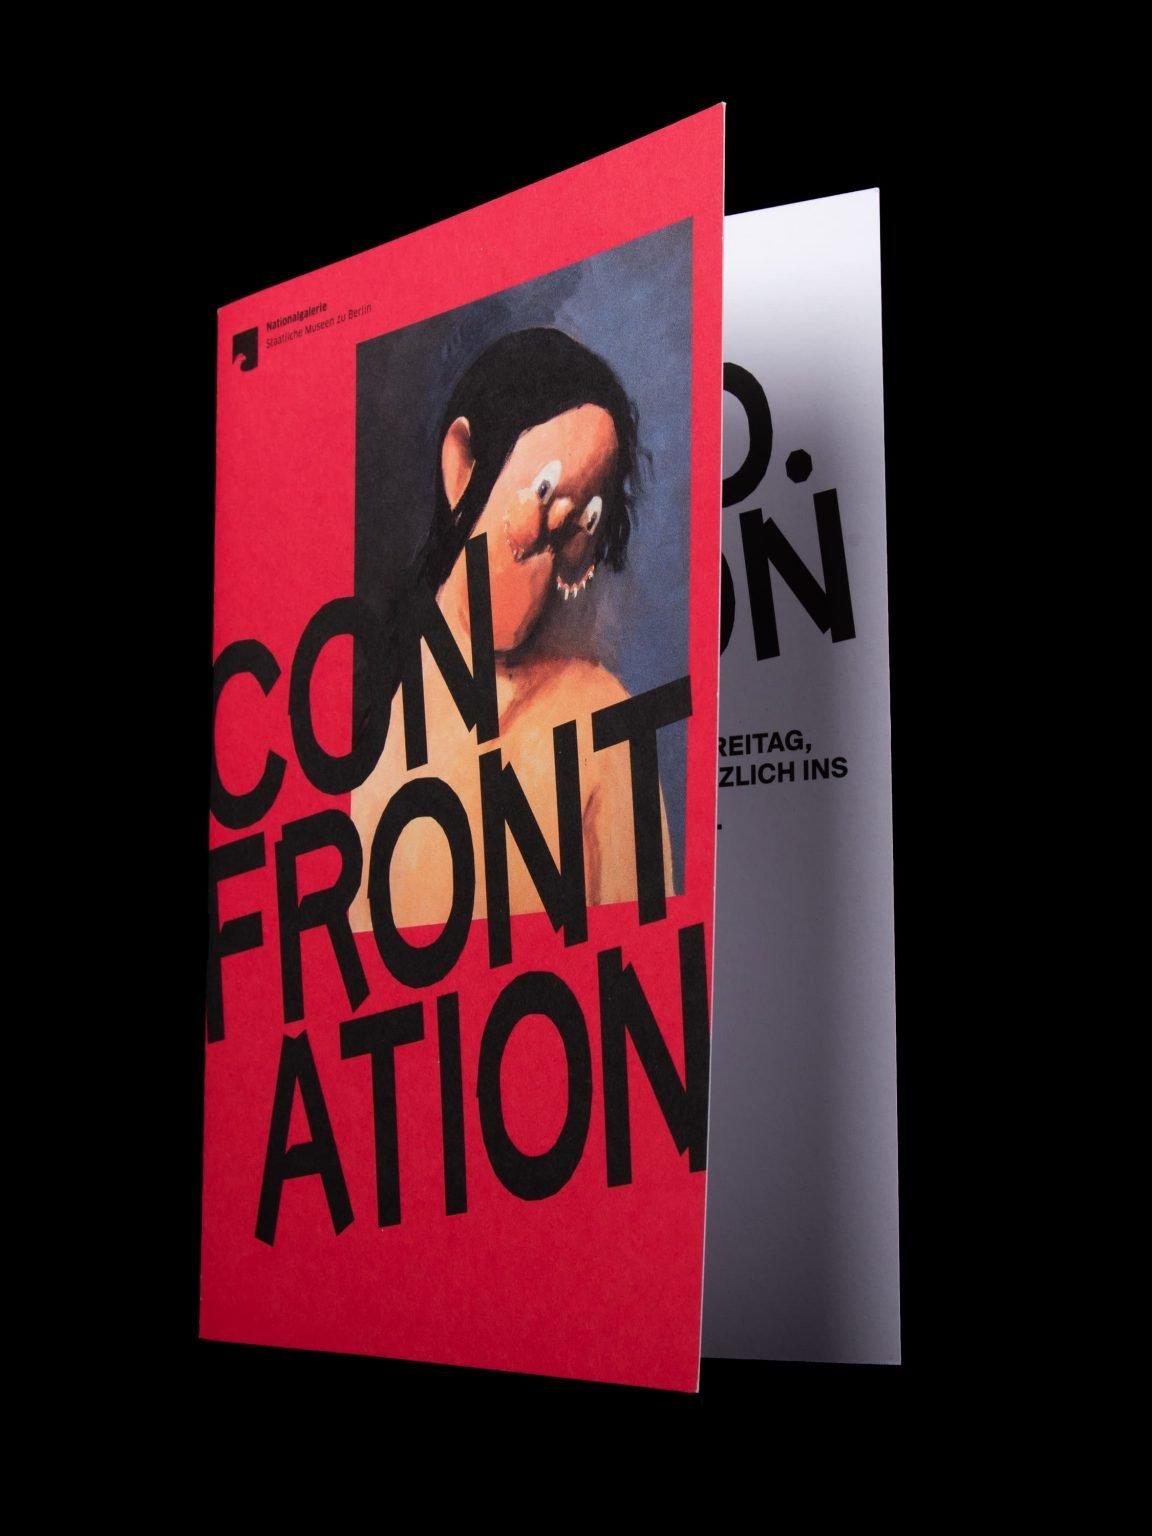 Ta Trung George Condo - Confrontation 05